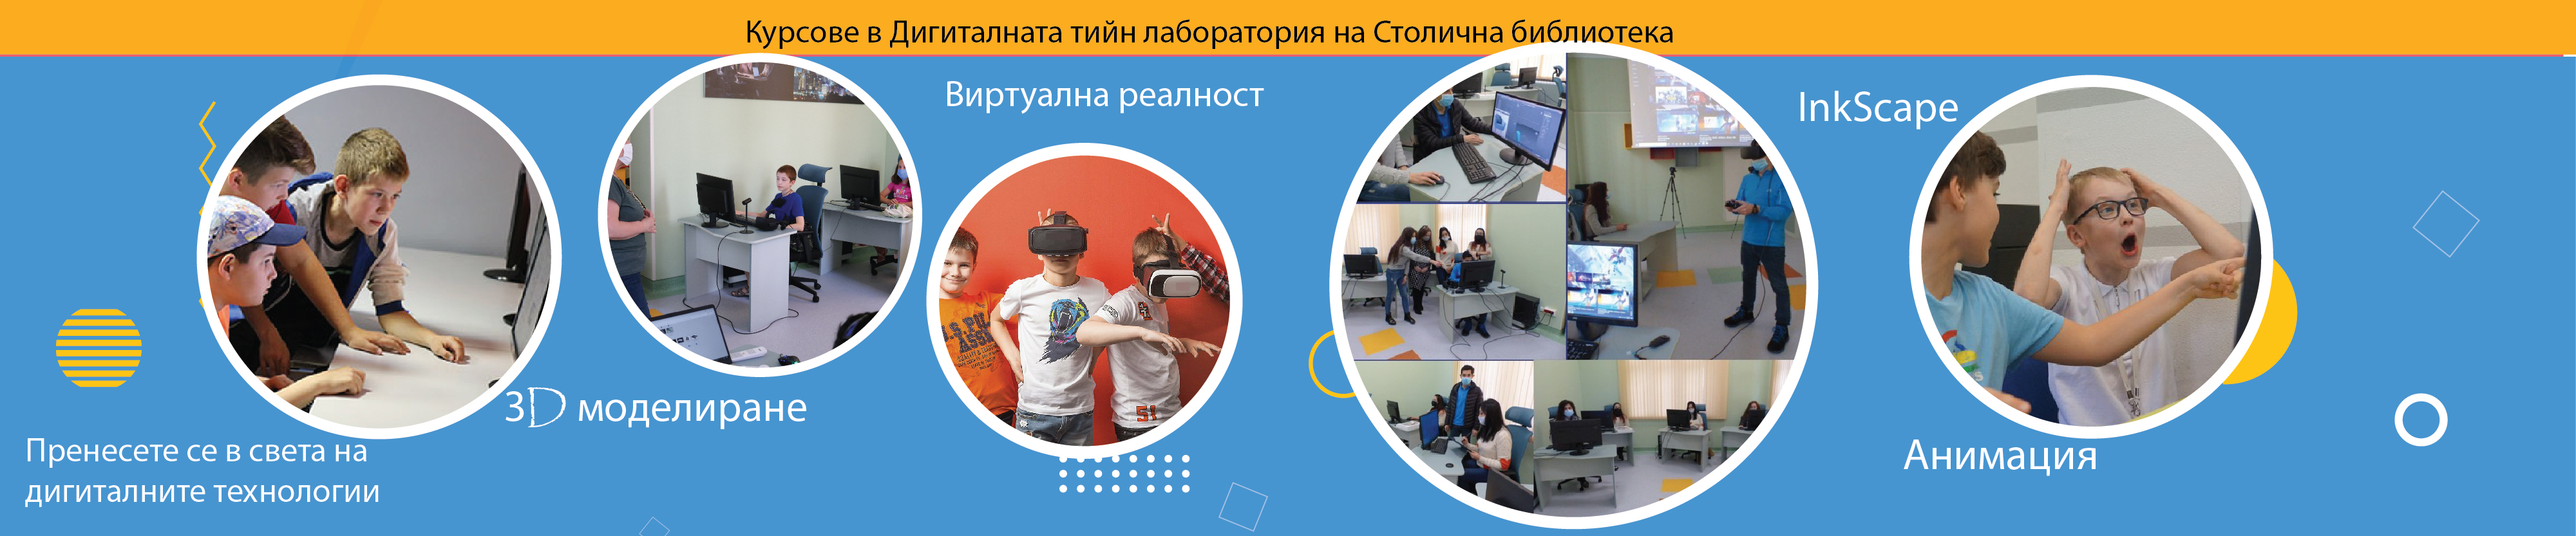 Дигиталната тийн лаборатория на Столична библиотека  провежда курсове